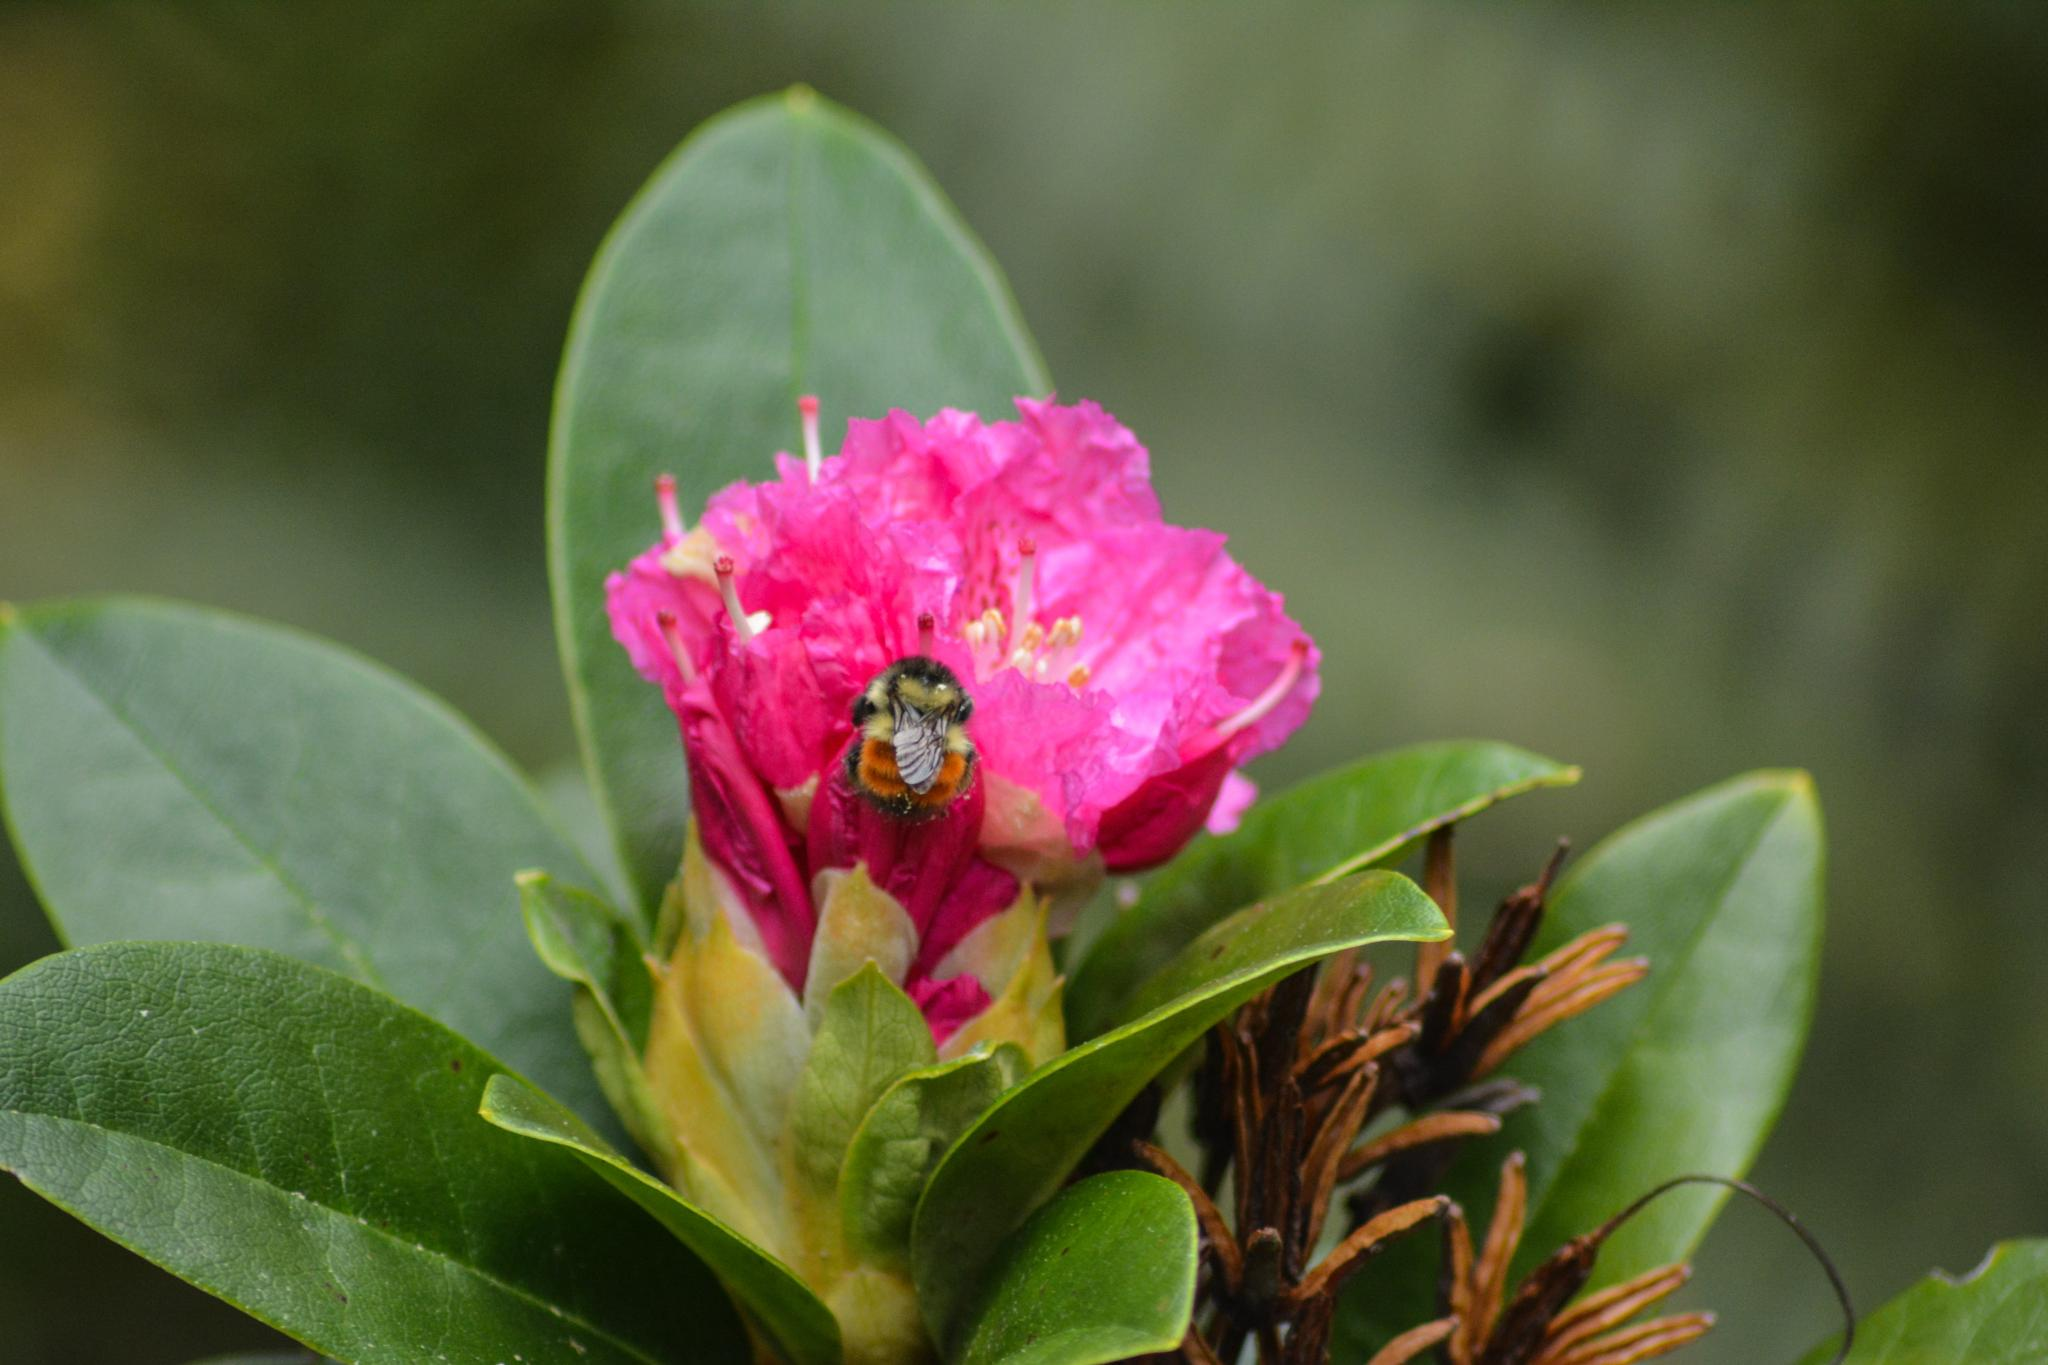 Busy Bumblebee by jan.noblitt